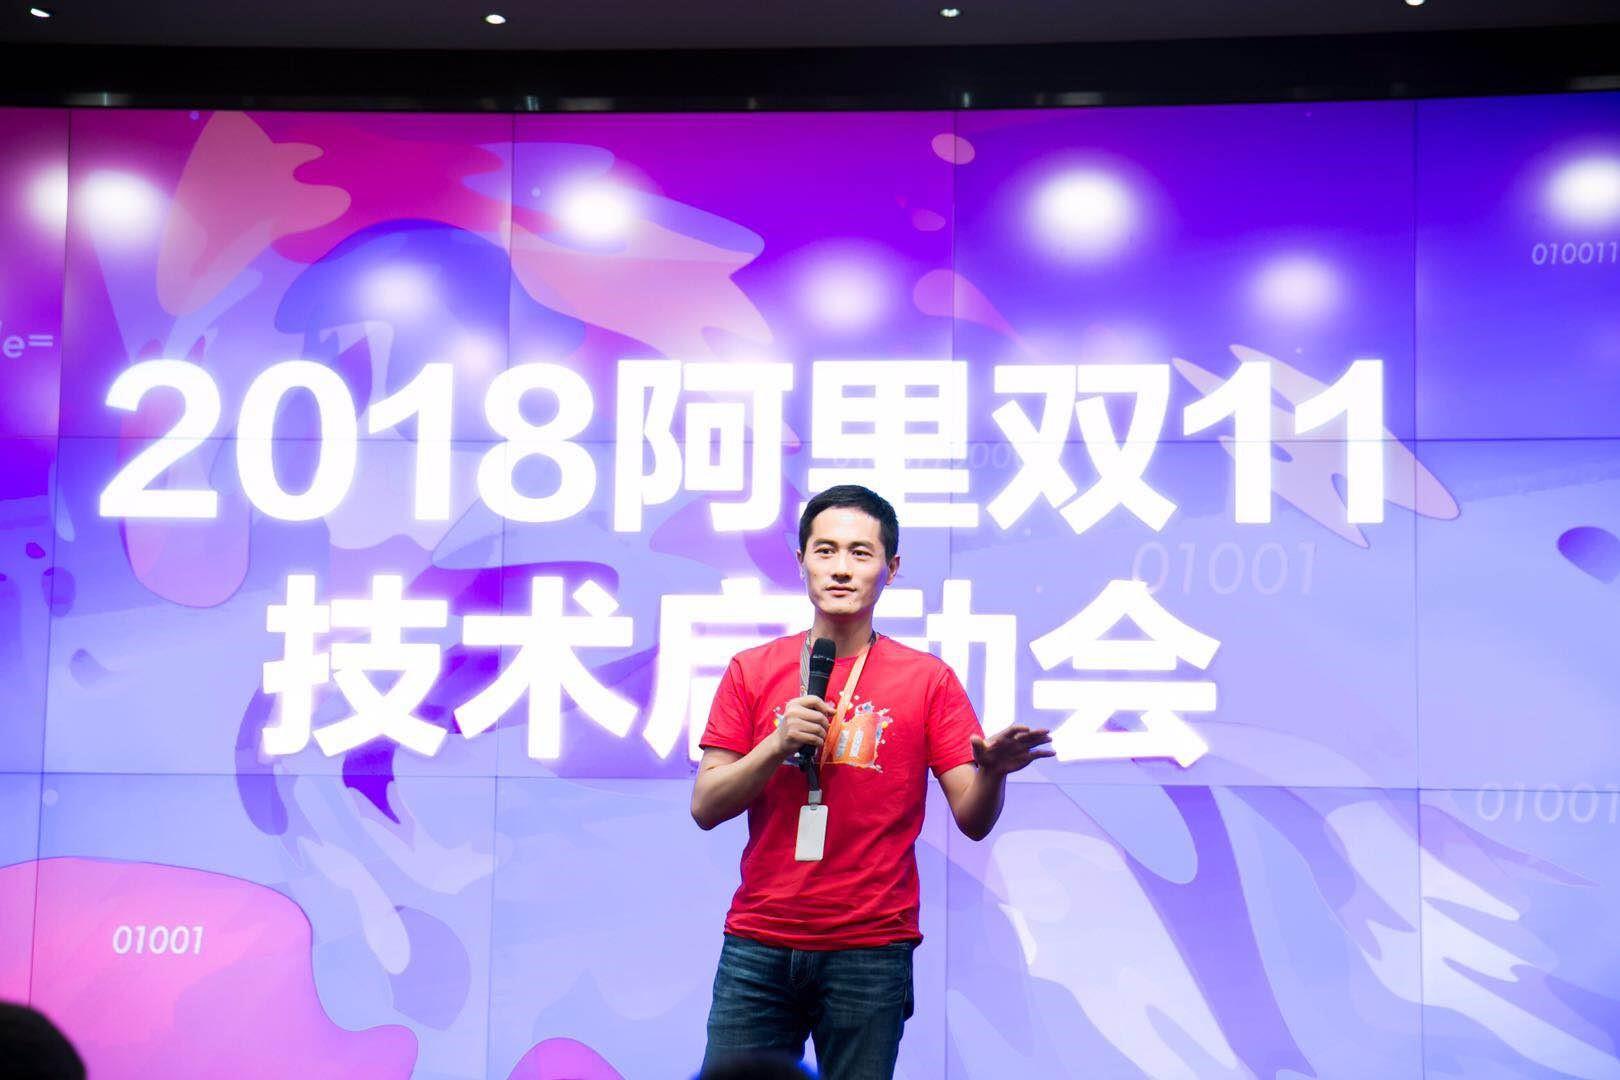 天猫双11技术负责人揭秘2018双11科技关键词